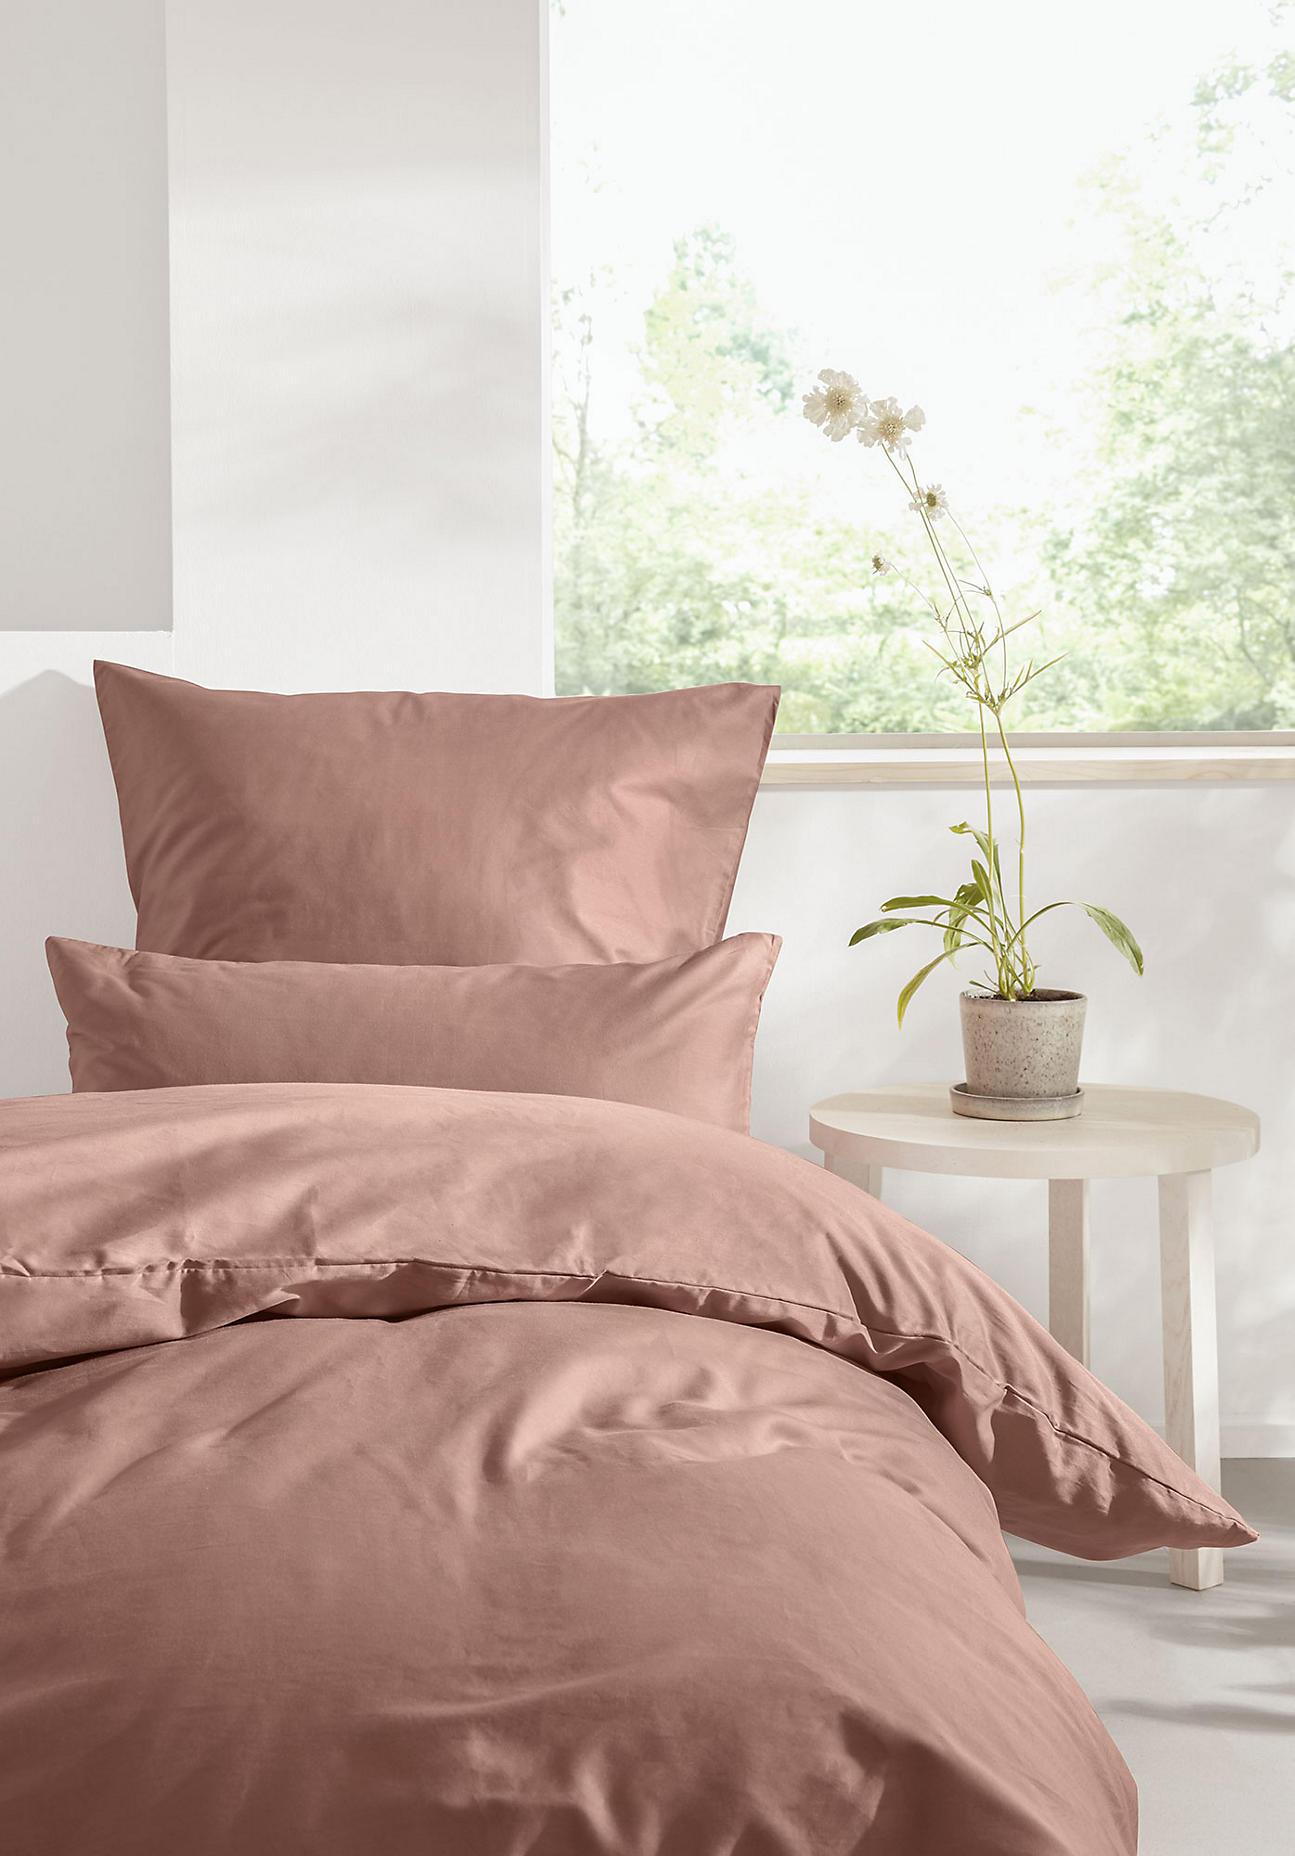 hessnatur Satin-Bettwäsche aus Bio-Baumwolle - rosa Größe 155x220+40x80 cm